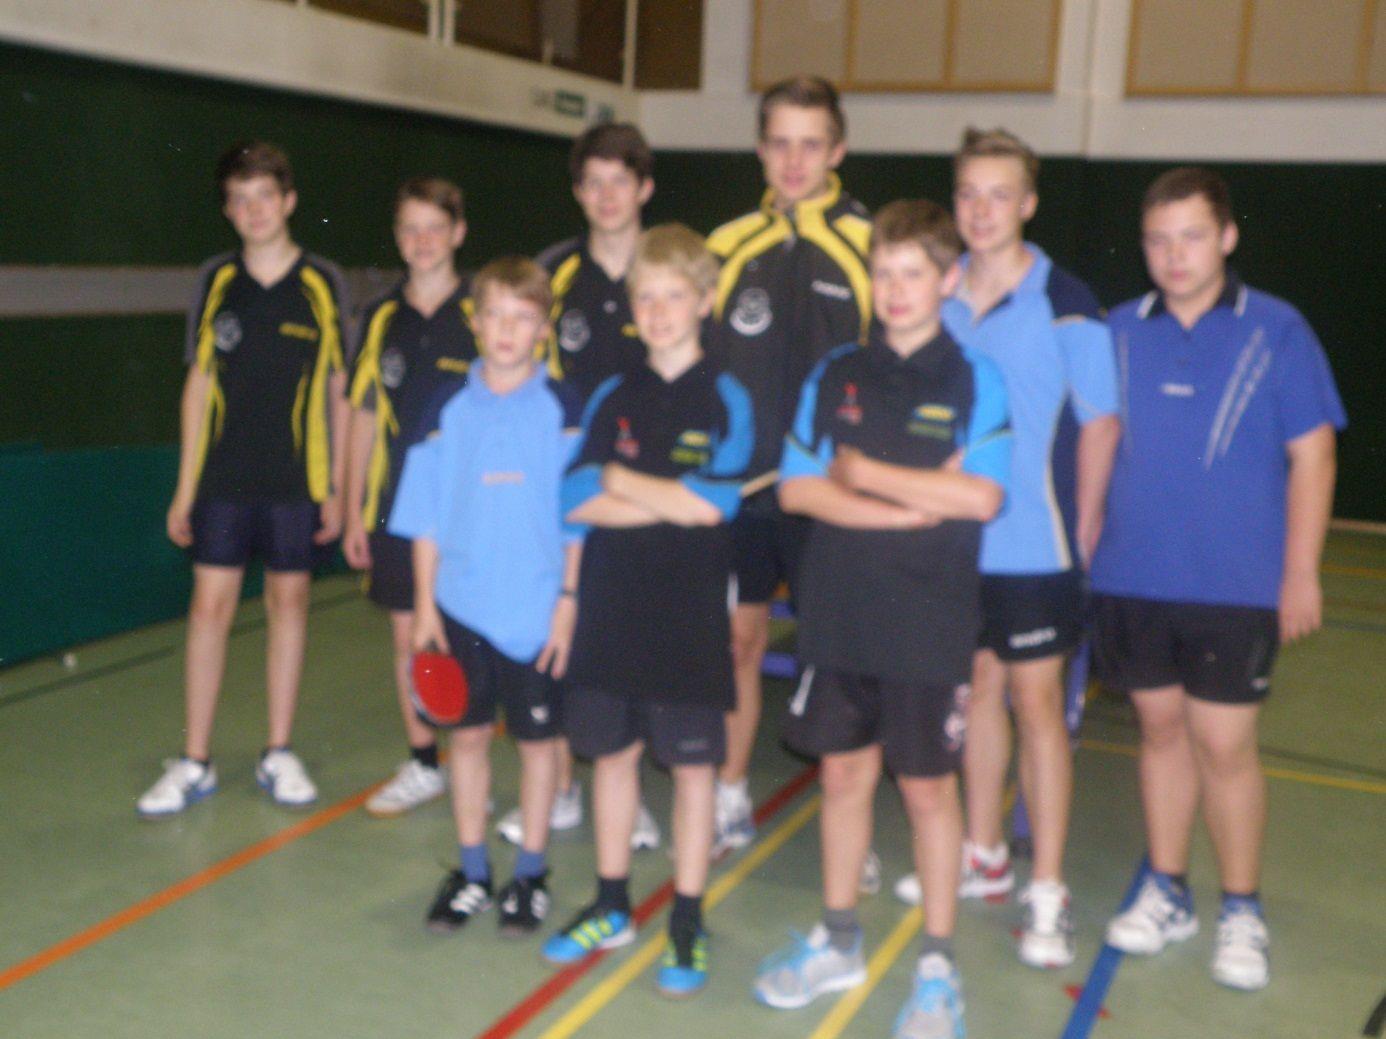 Neun Nachwuchsspieler aus den Vereinen Bregenz, Lingenau und Lochau haben vom 9. bis 10. Juni 2012 an den Bundesvergleichskämpfen des Allgemeinen Sportverbandes Österreichs in Kremsmünster teilgenommen.